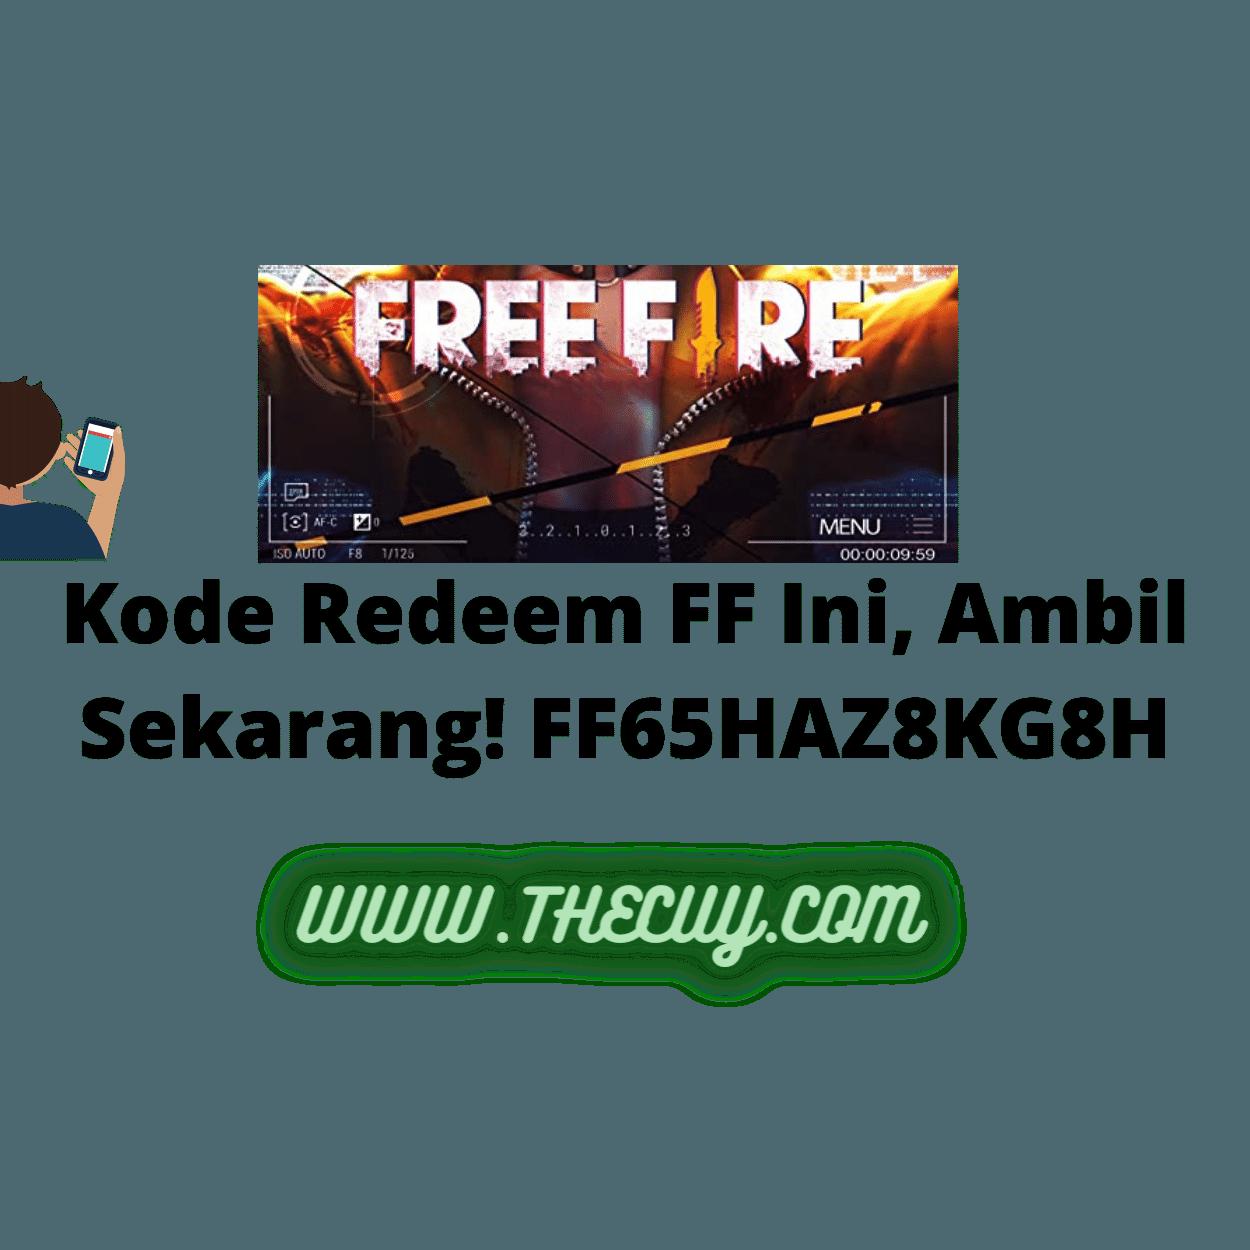 Kode Redeem FF Ini, Ambil Sekarang! FF65HAZ8KG8H